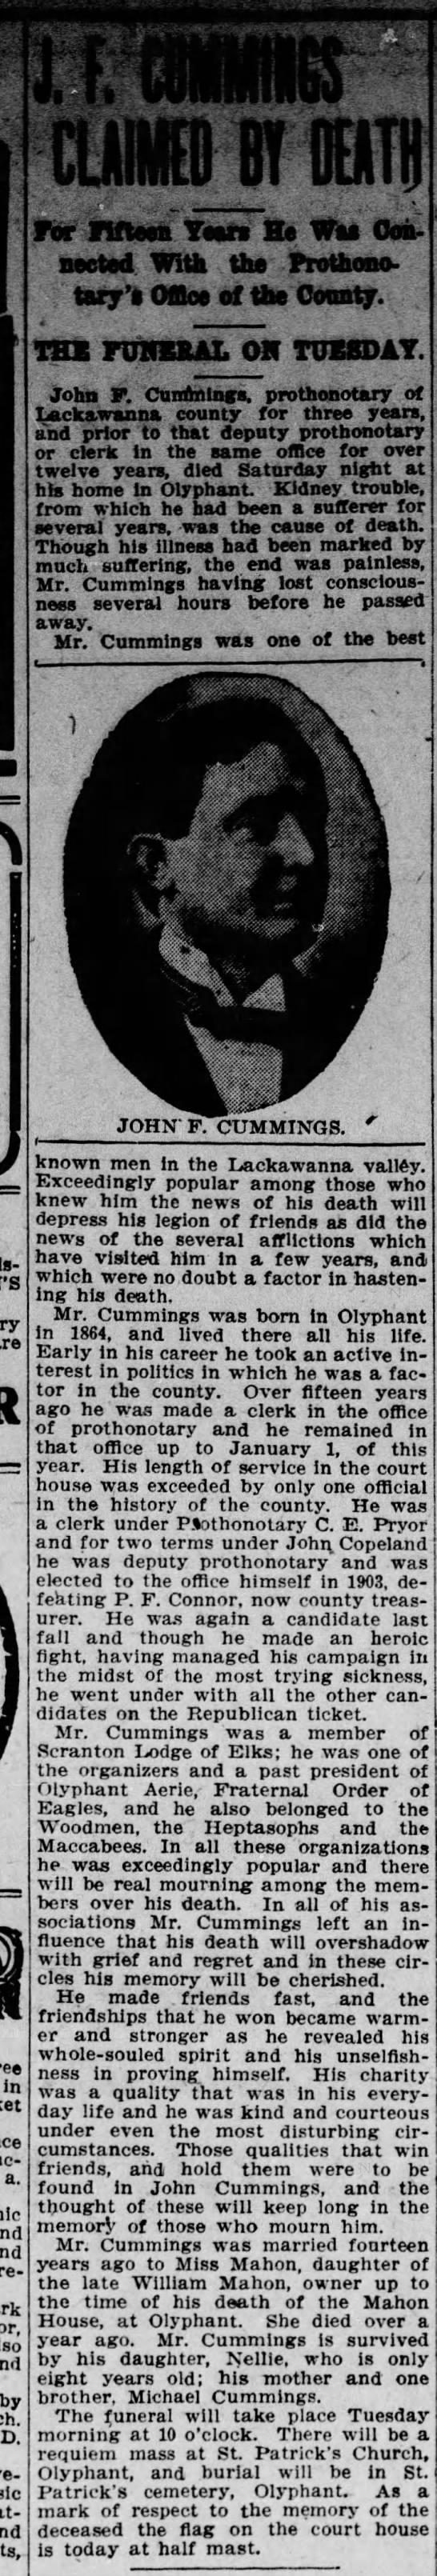 John F. Cummongs obit -